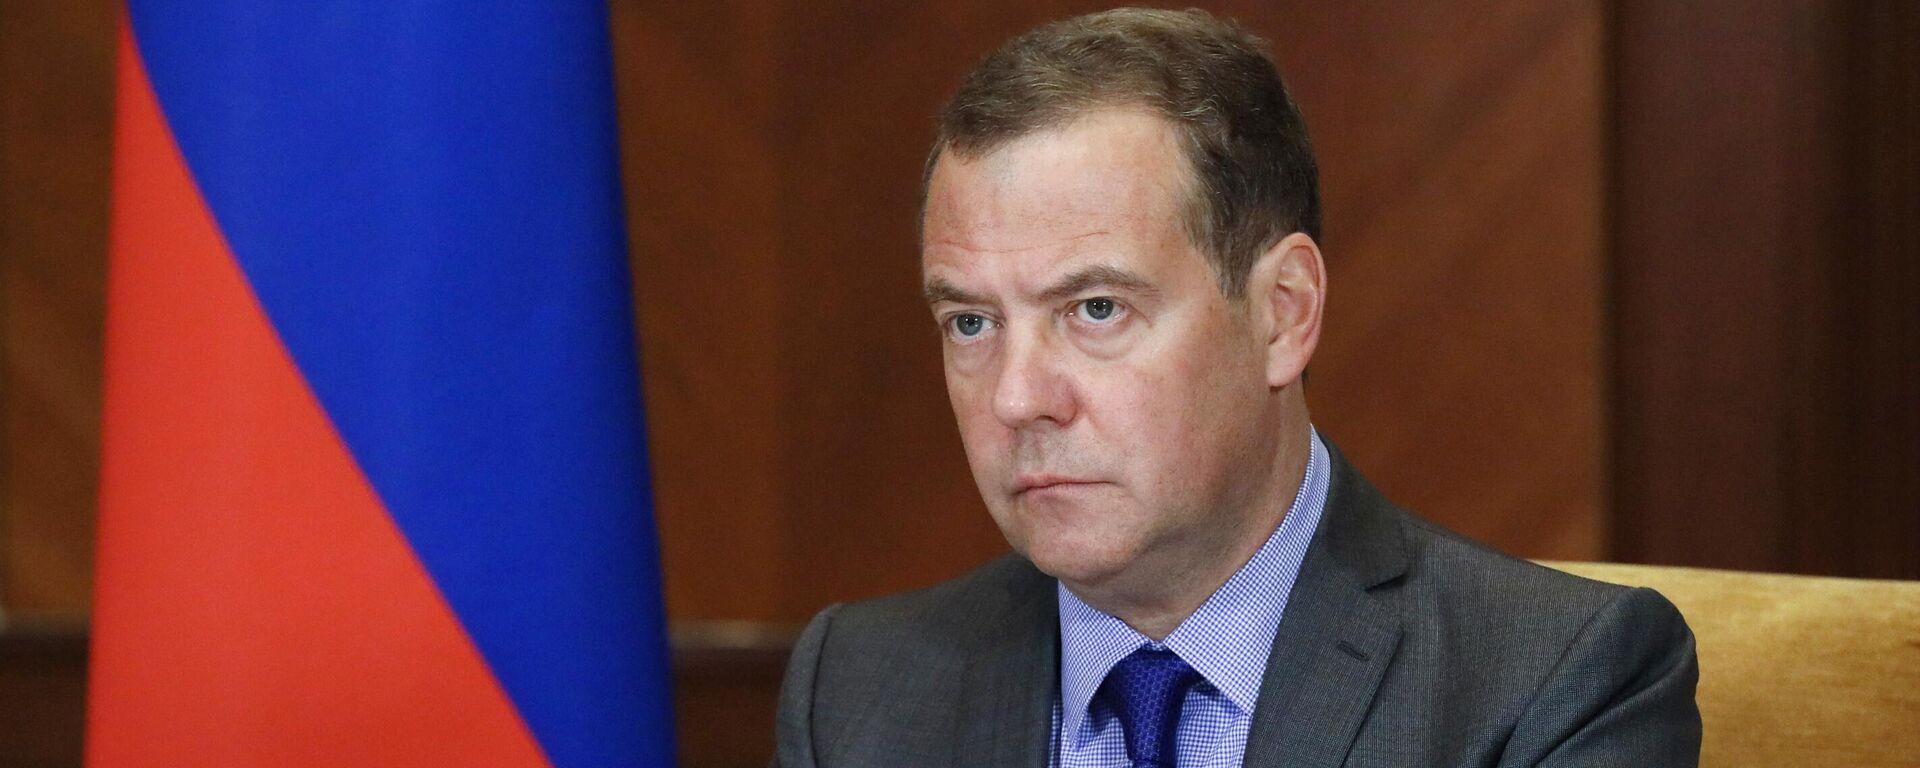 Заменик председавајућег Савета безбедности Русије Дмитриј Медведев  - Sputnik Србија, 1920, 28.09.2021